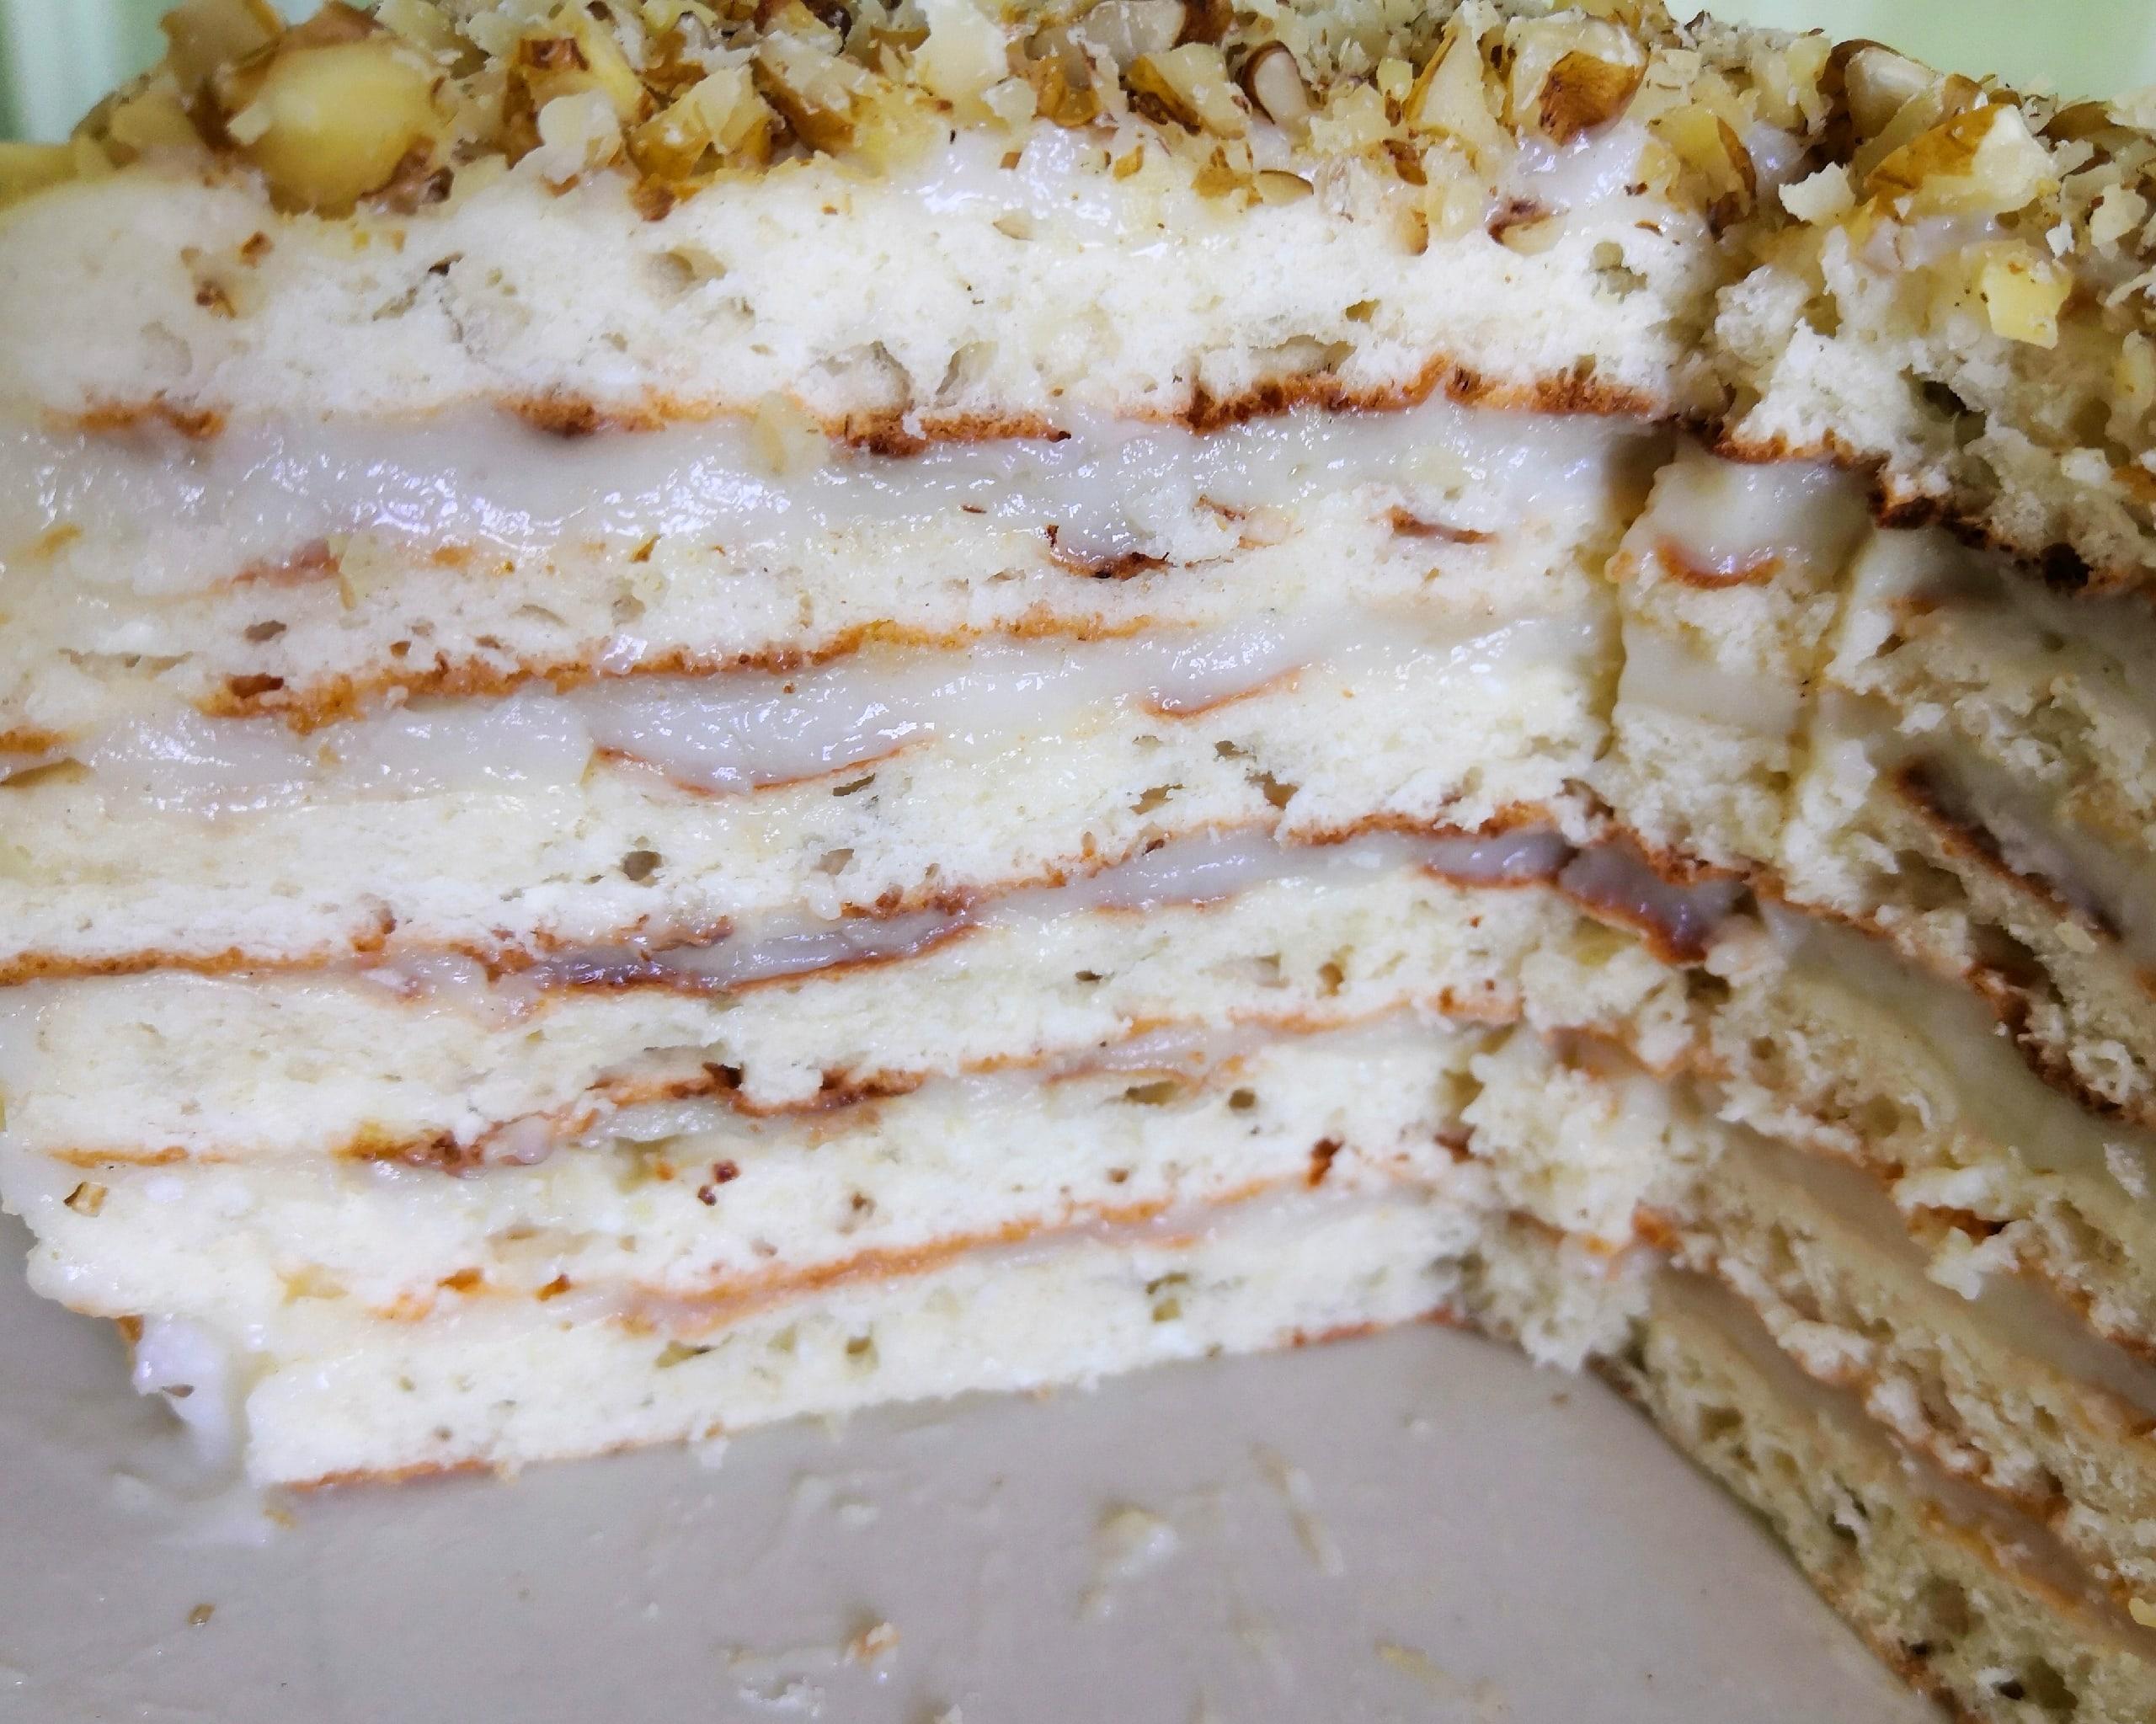 Творожный торт на сковороде с заварным кремом HgZx0S4qHU8